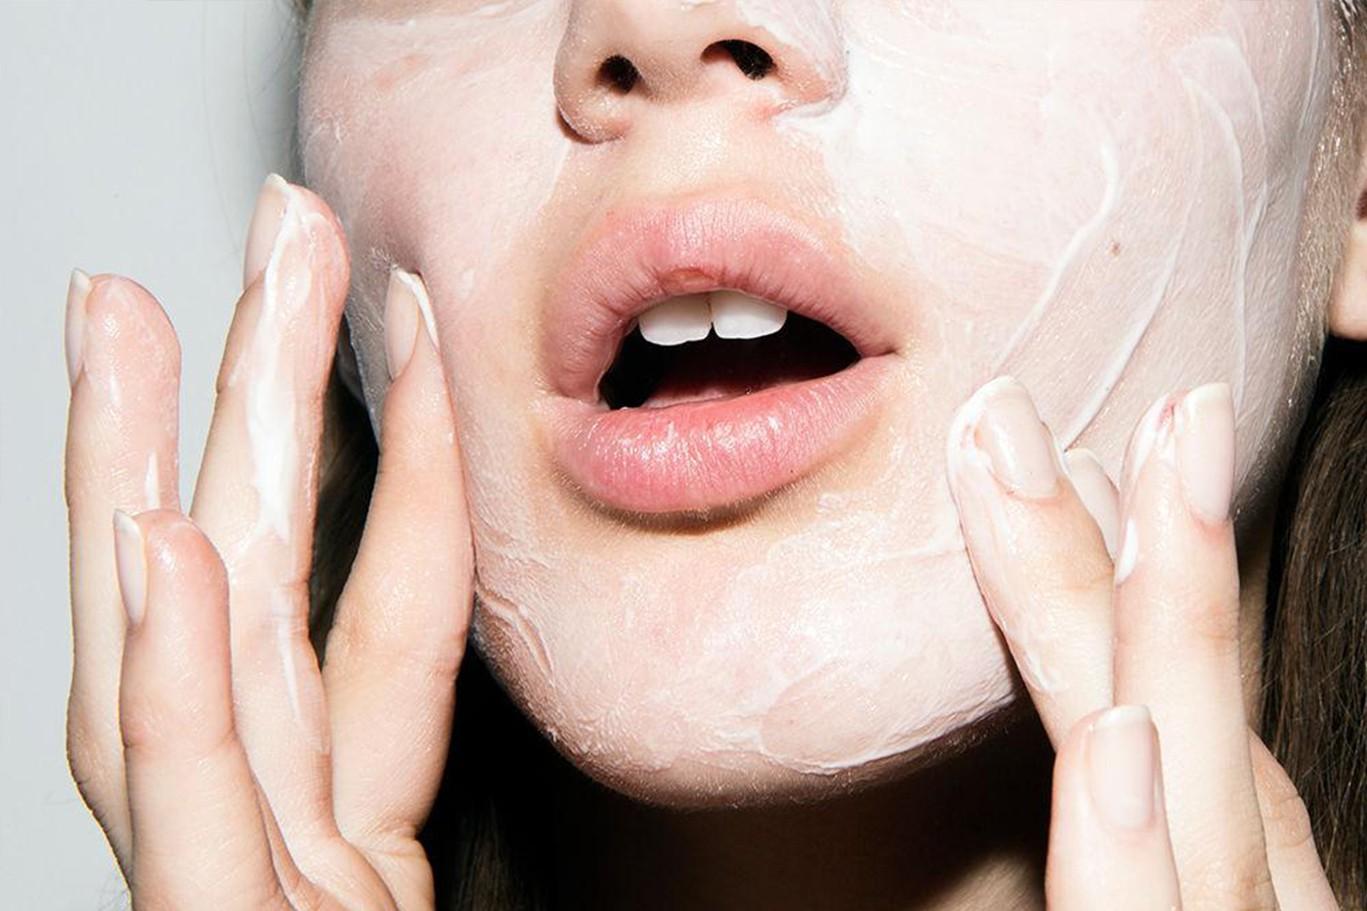 Chân ái chăm sóc da nằm ở tips rửa mặt Sạch sâu - Ẩm mượt mà khối nàng vẫn chưa biết tới - Ảnh 2.